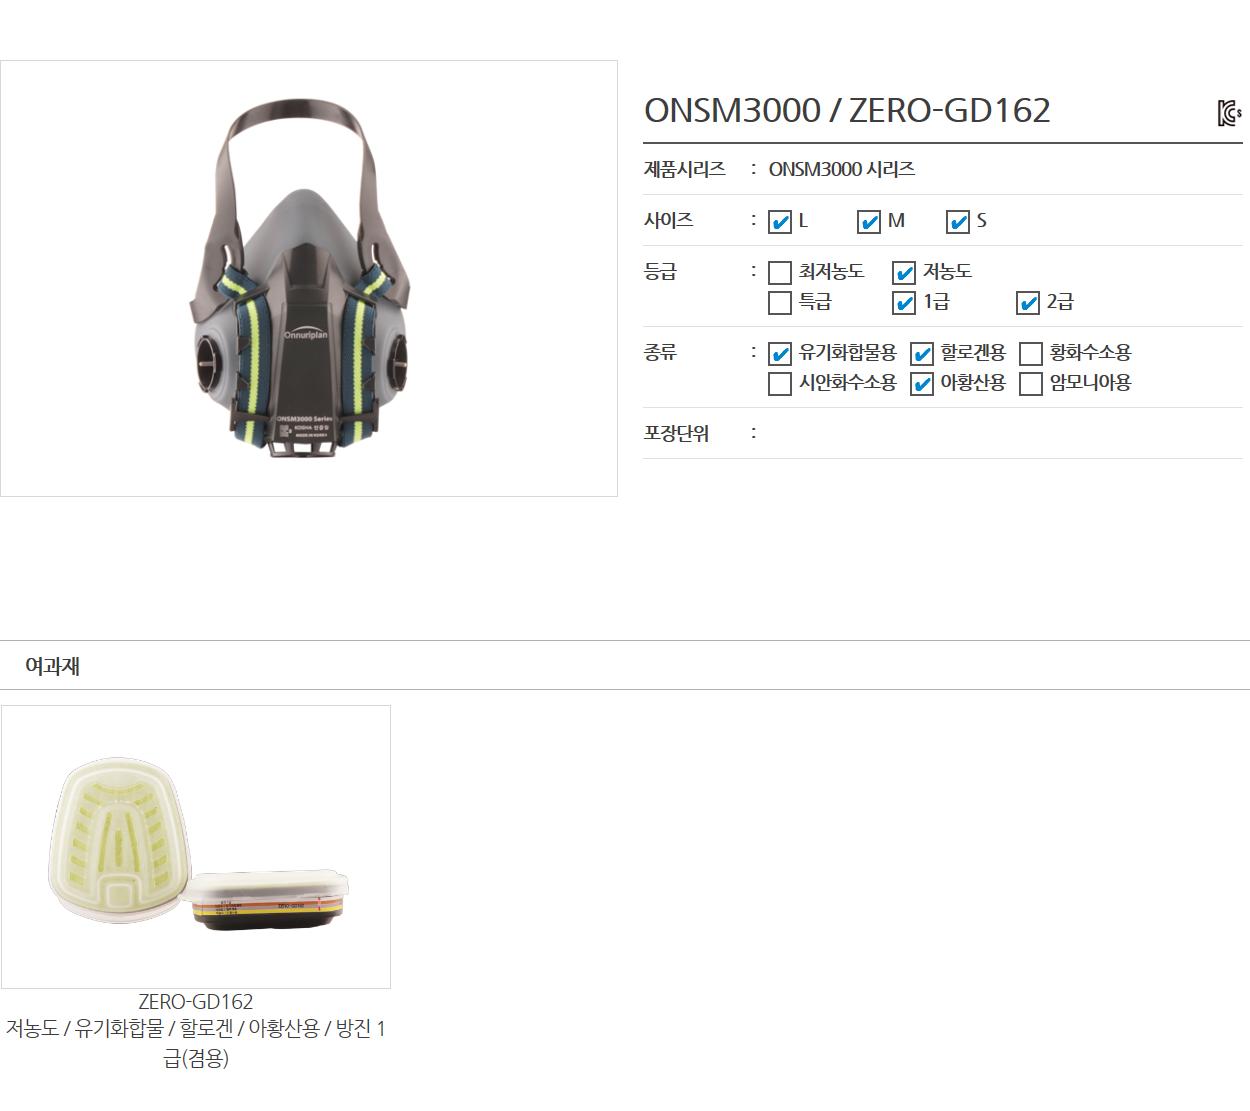 온누리플랜(주)  ONSM3000 / ZERO-GD162 1